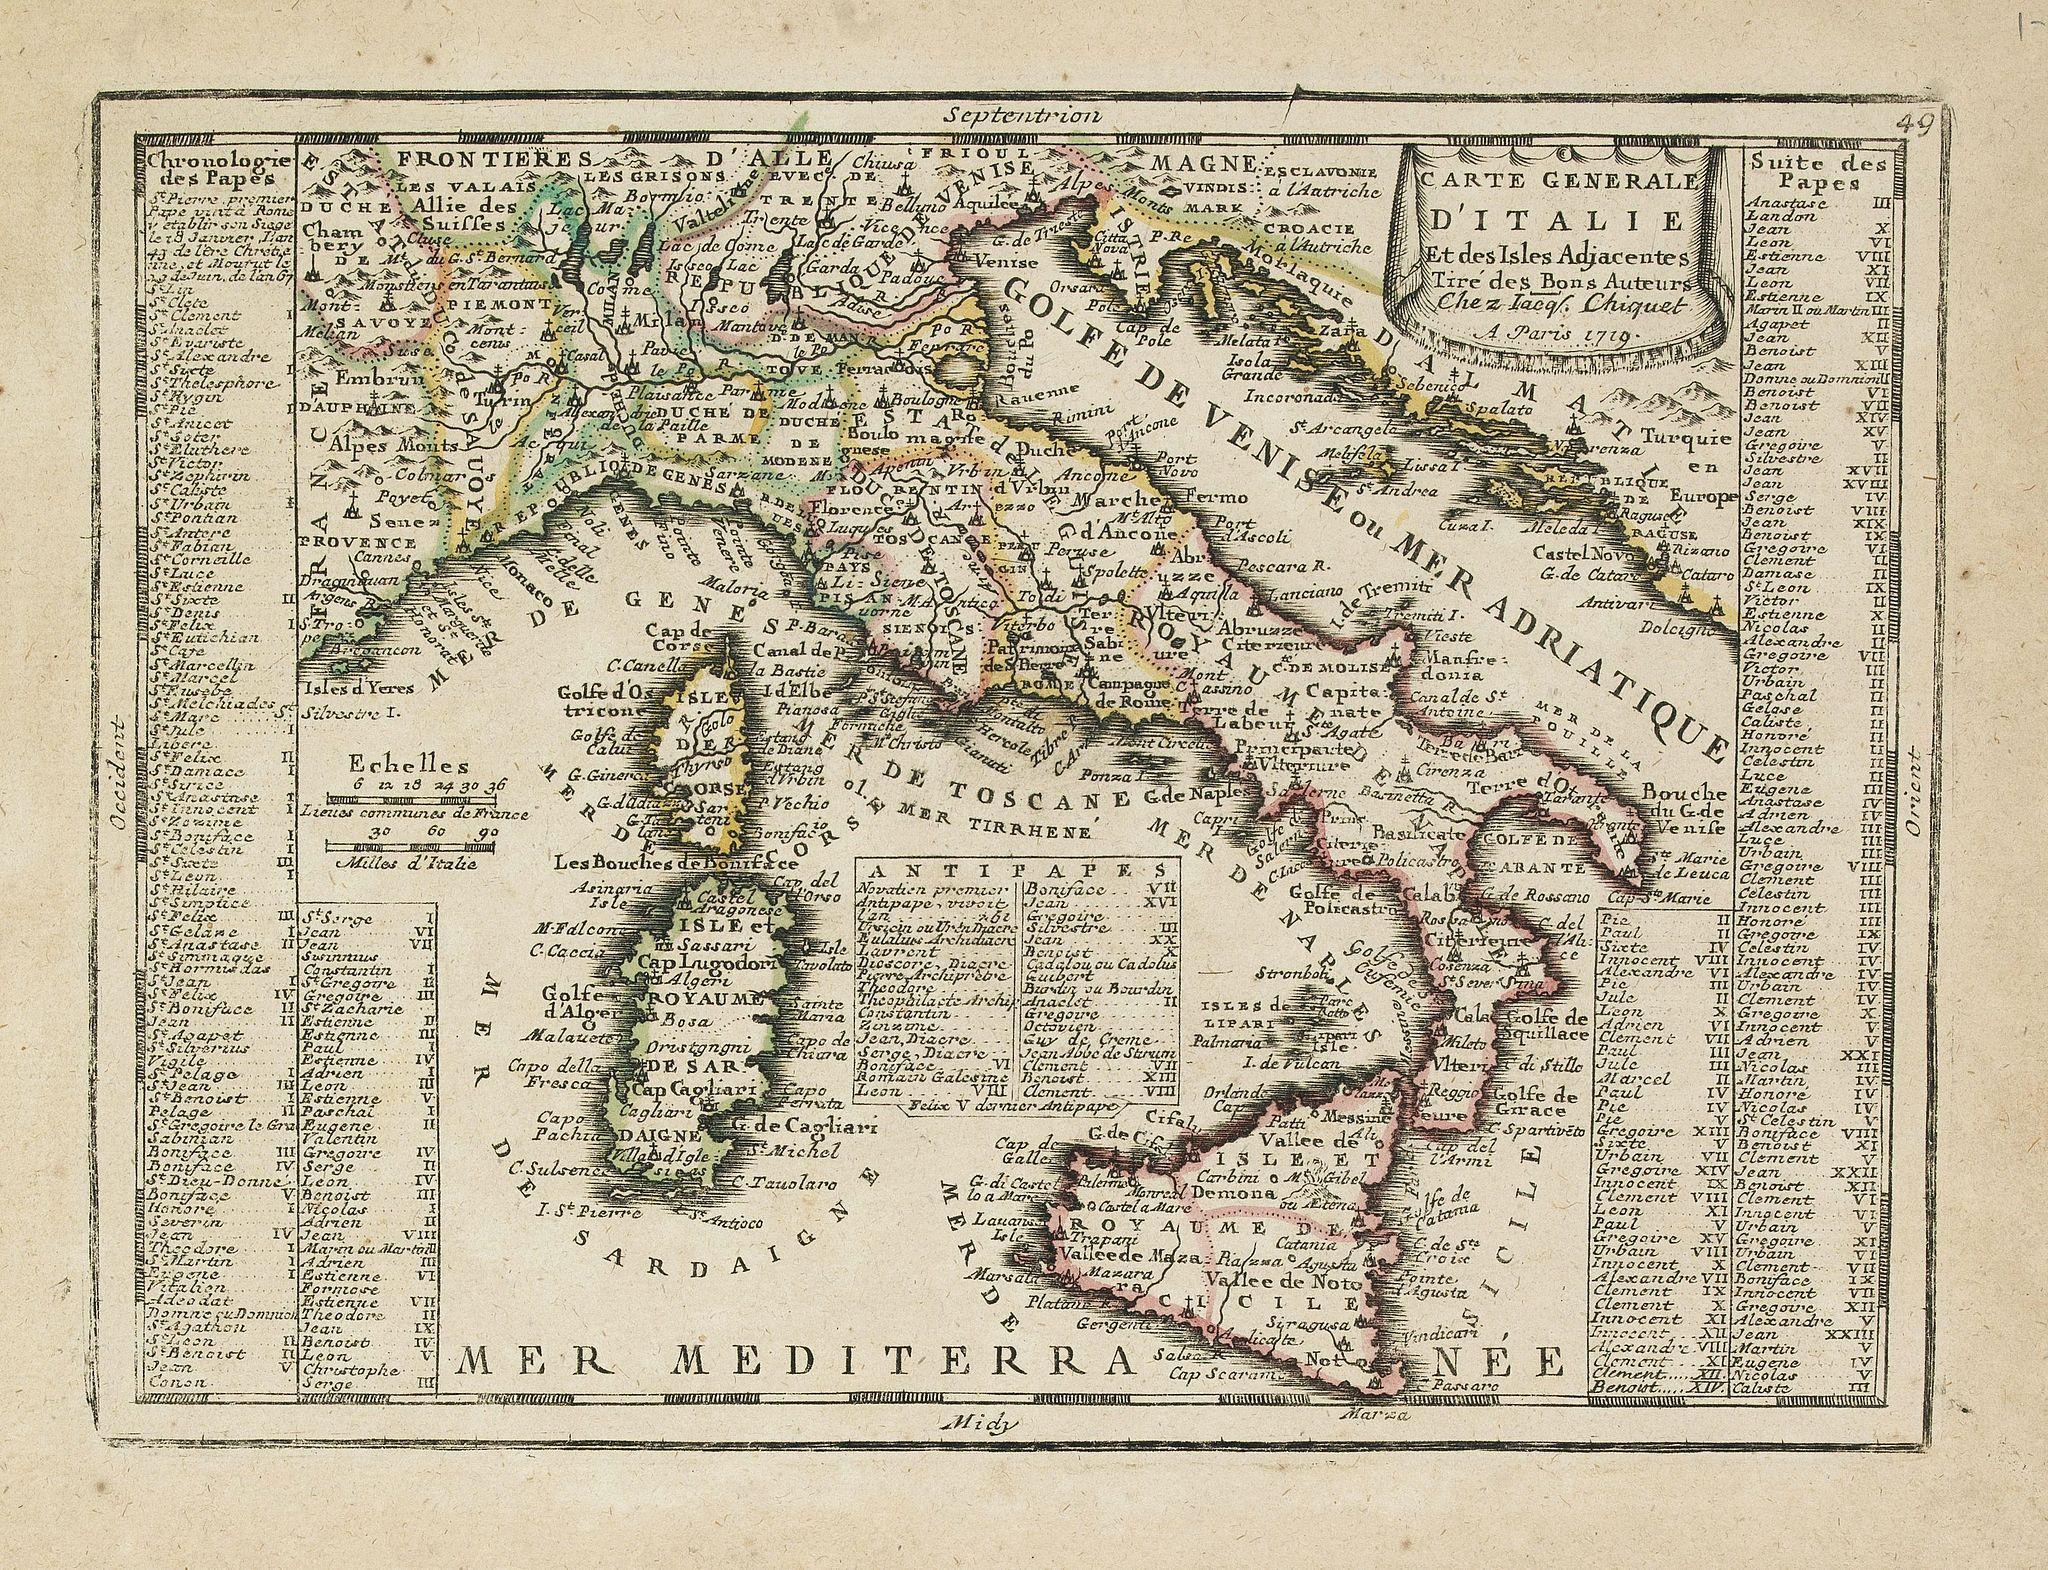 CHIQUET, J. -  Carte Generale D'Italie Et des Isles Adjacentes. . .